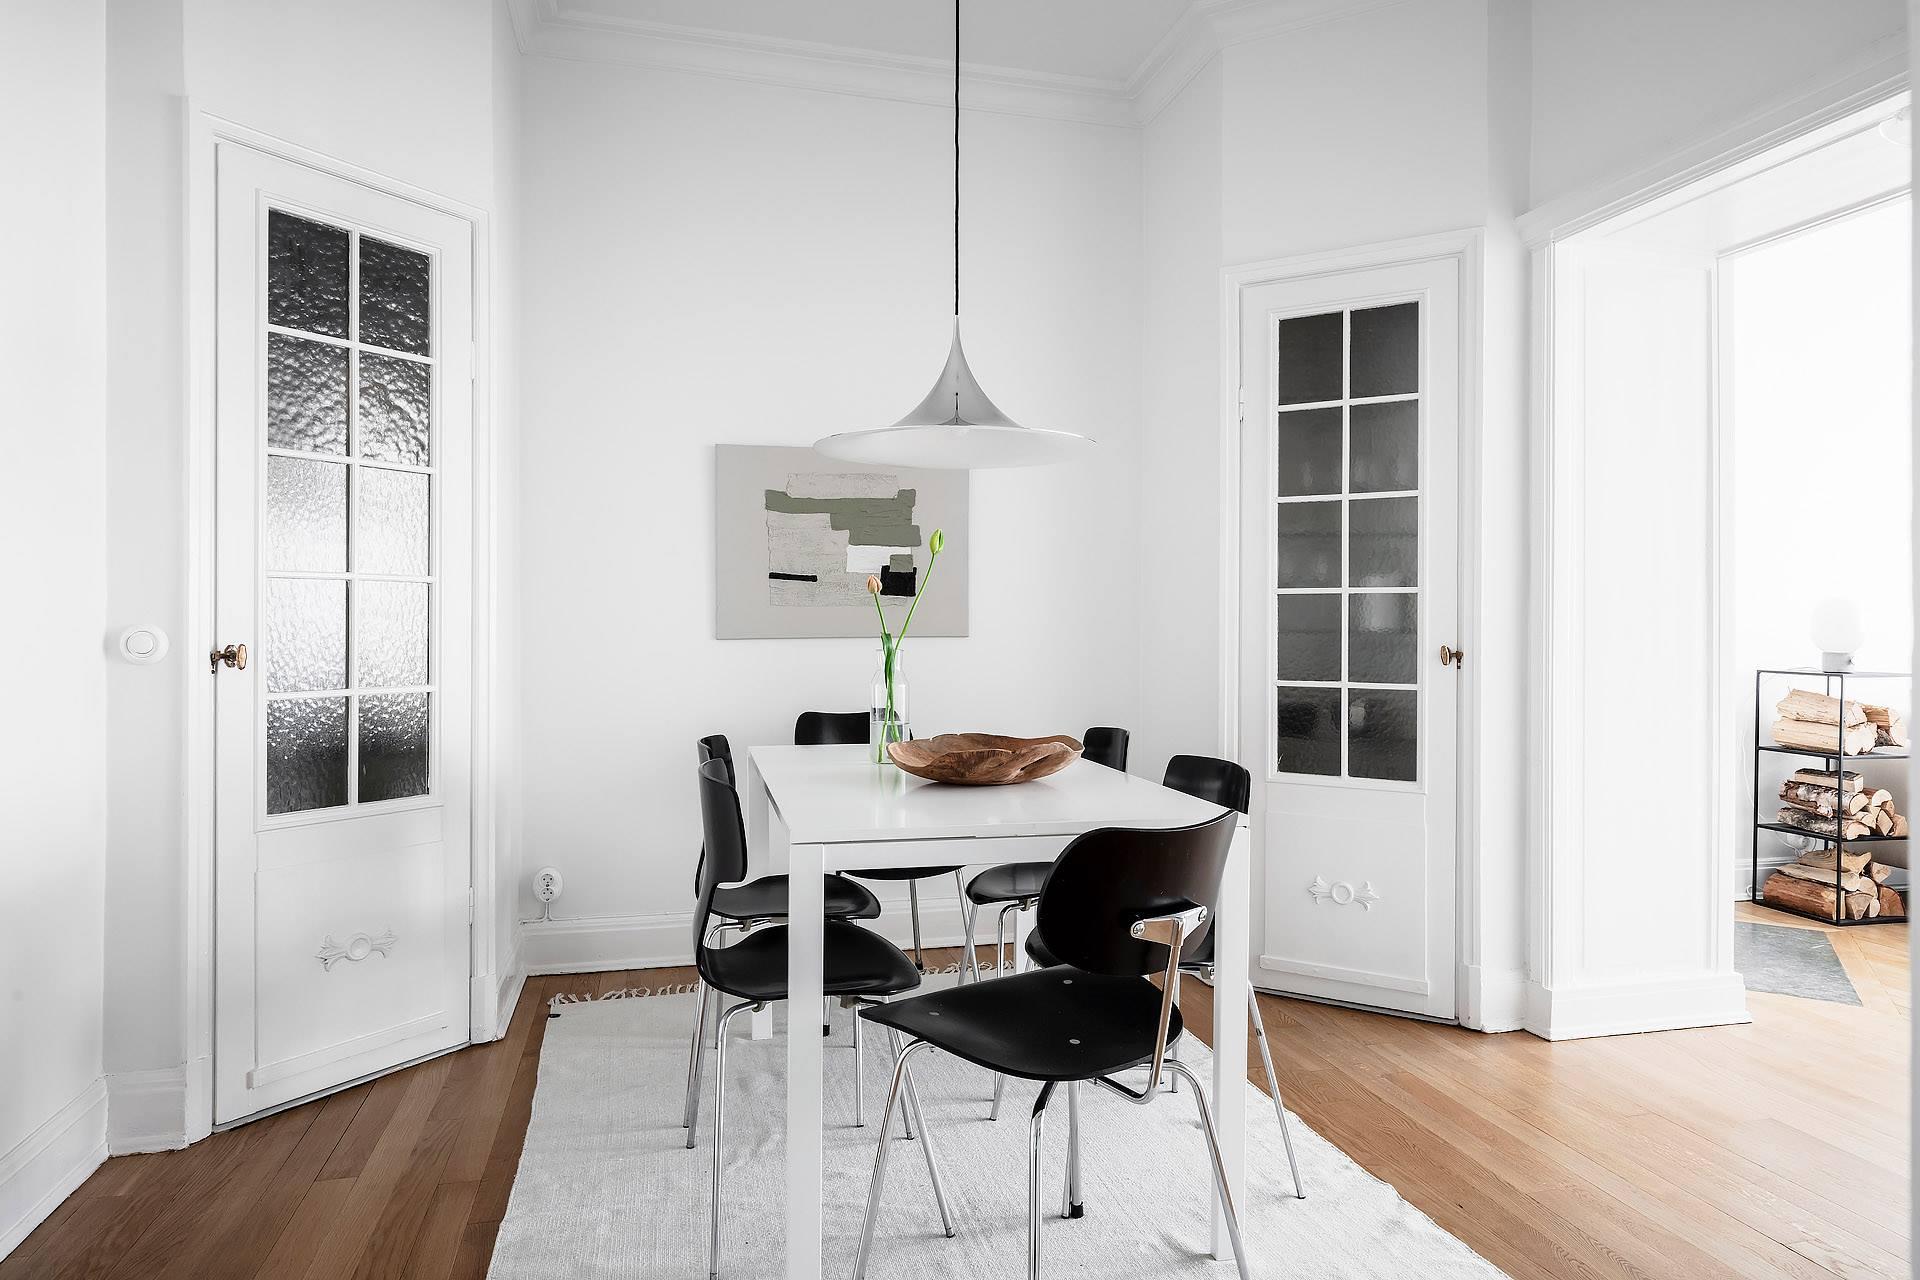 Thiết kế nội thất phòng bếp với bàn ăn giản đơn